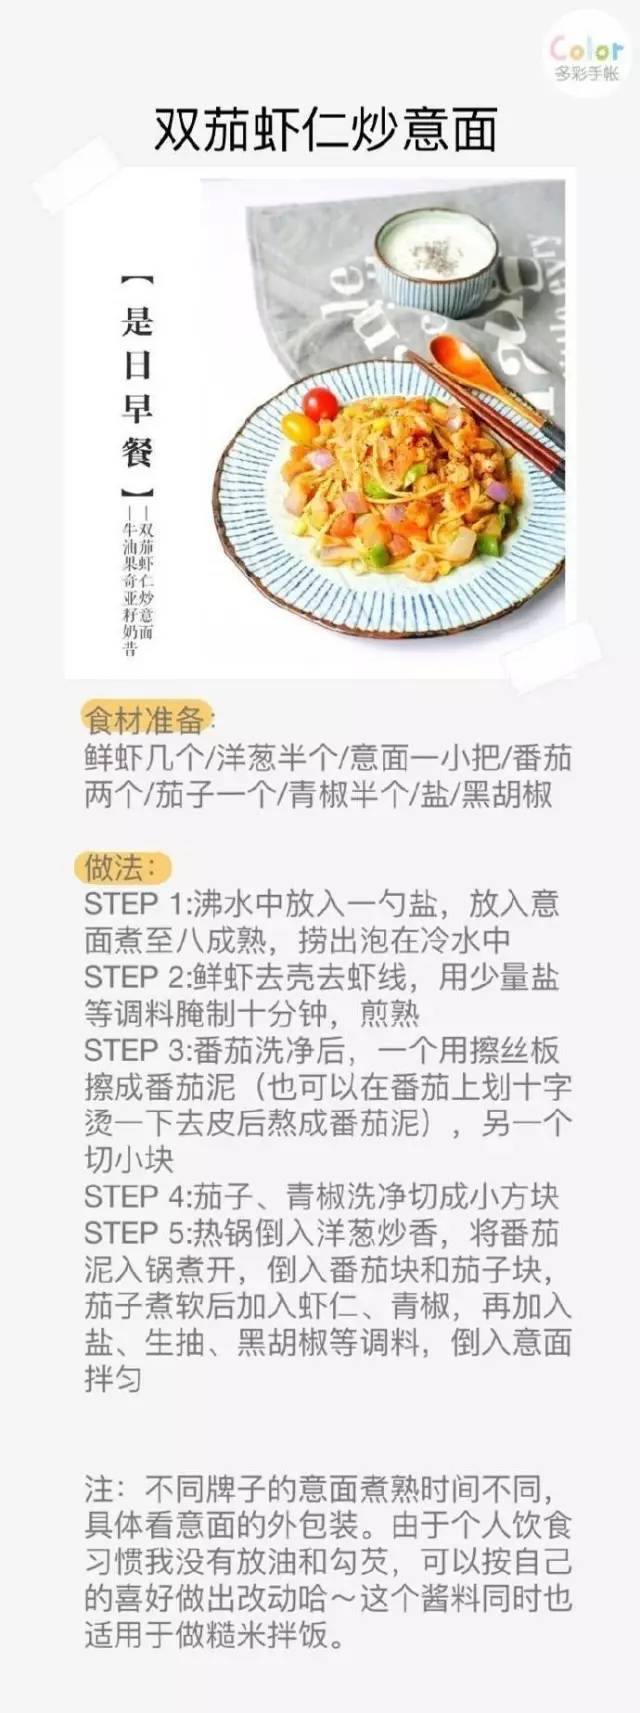 减肥不用少吃?只要吃对食物,就能减脂!